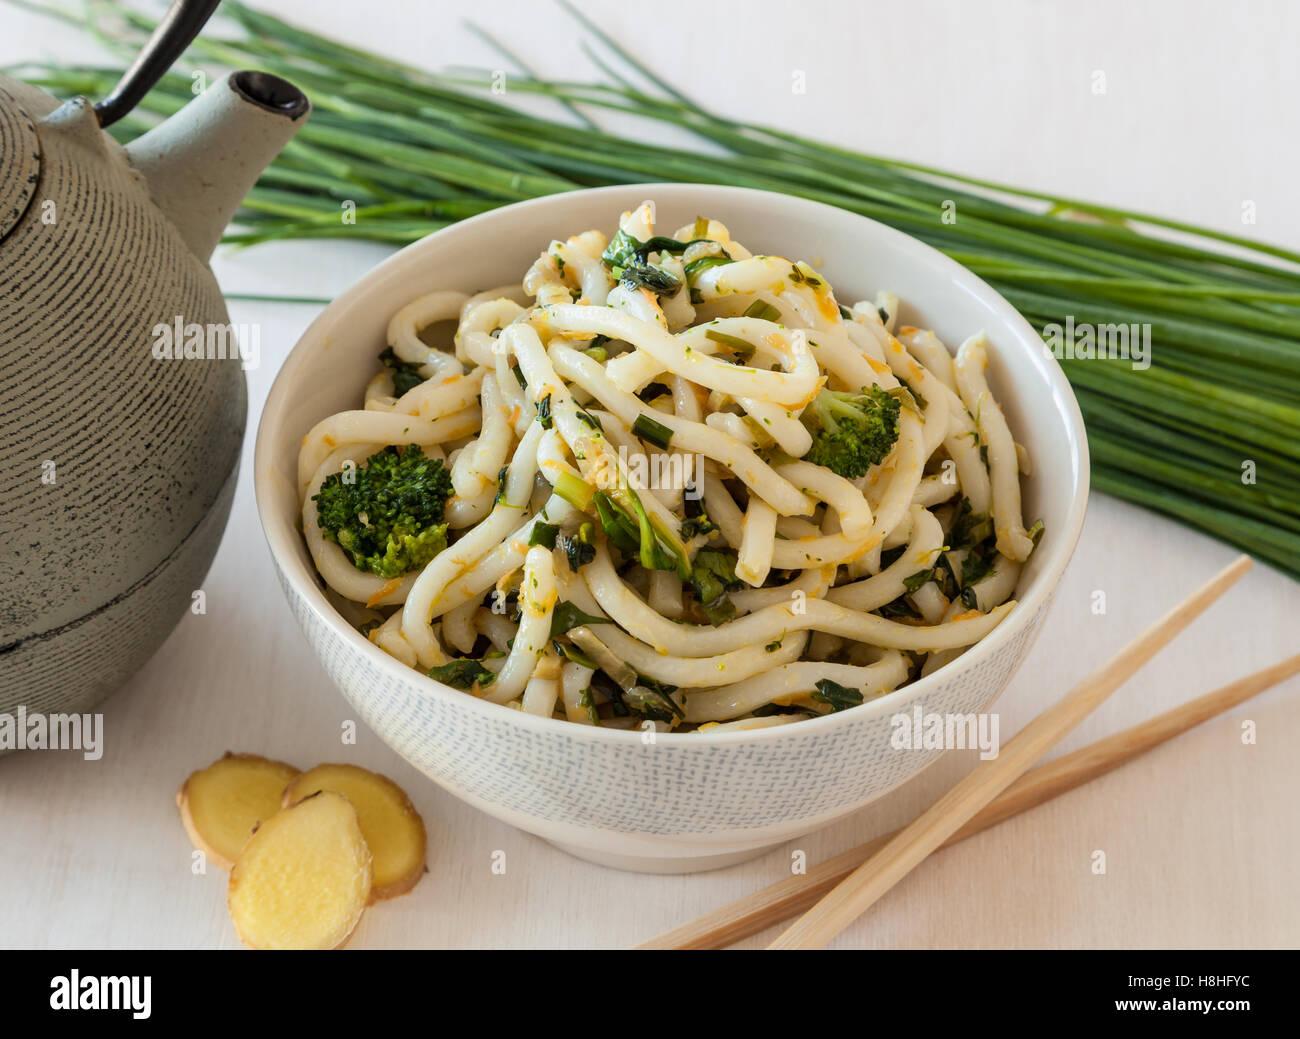 Il cibo giapponese. Udon tagliatelle con broccoli e verdure Immagini Stock